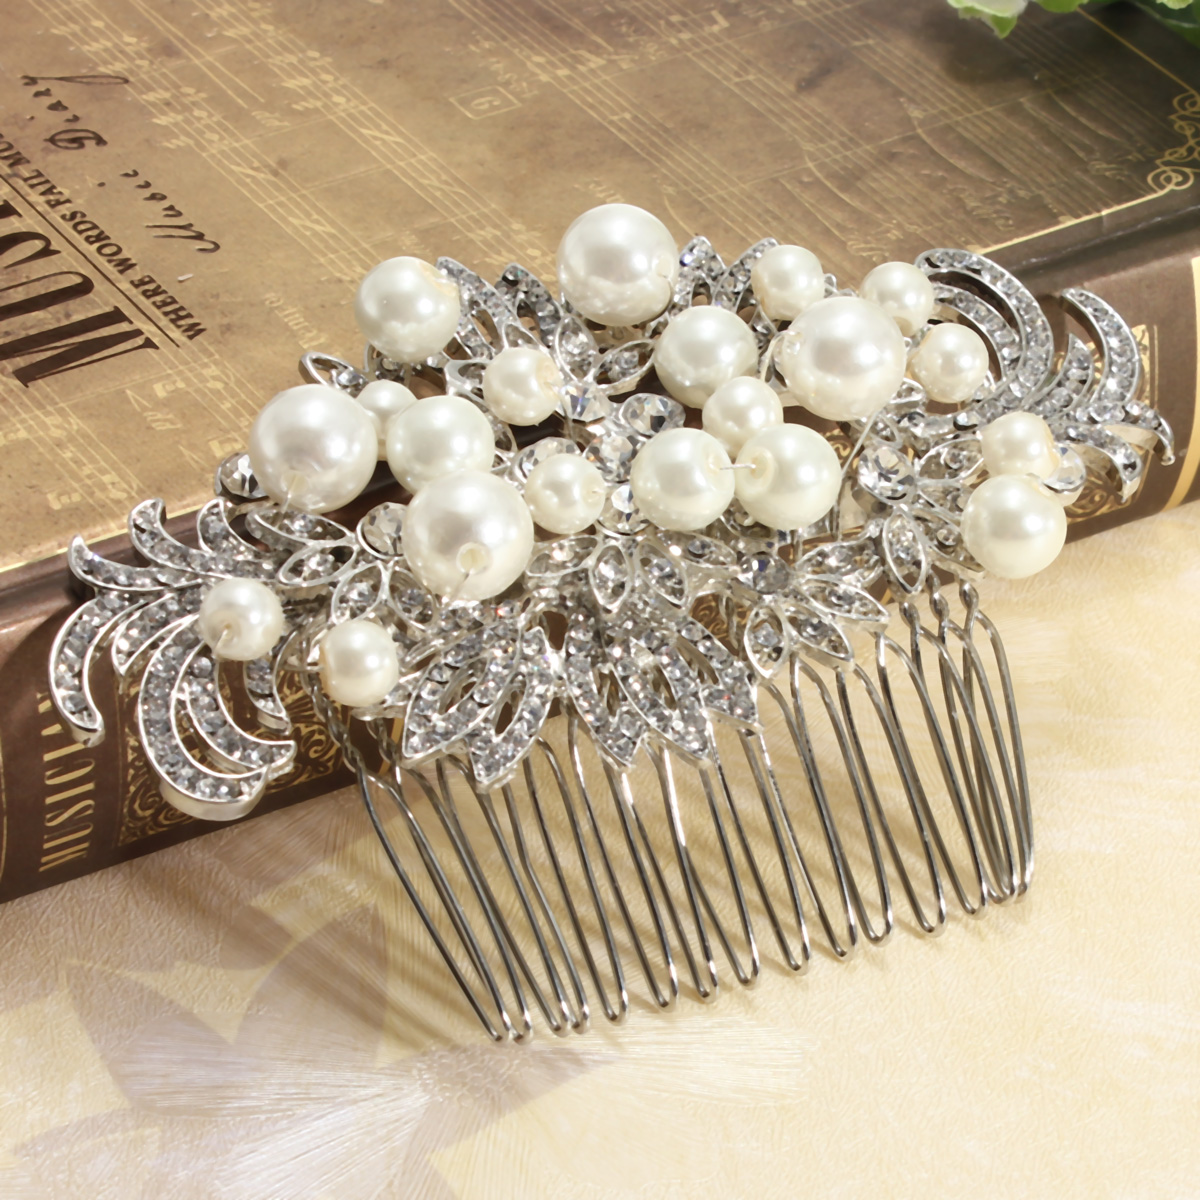 Bridal Artificial Pearl Crystal Rhinestone Flowers Diamante Hair Clip Comb Bride Wedding Headpiece